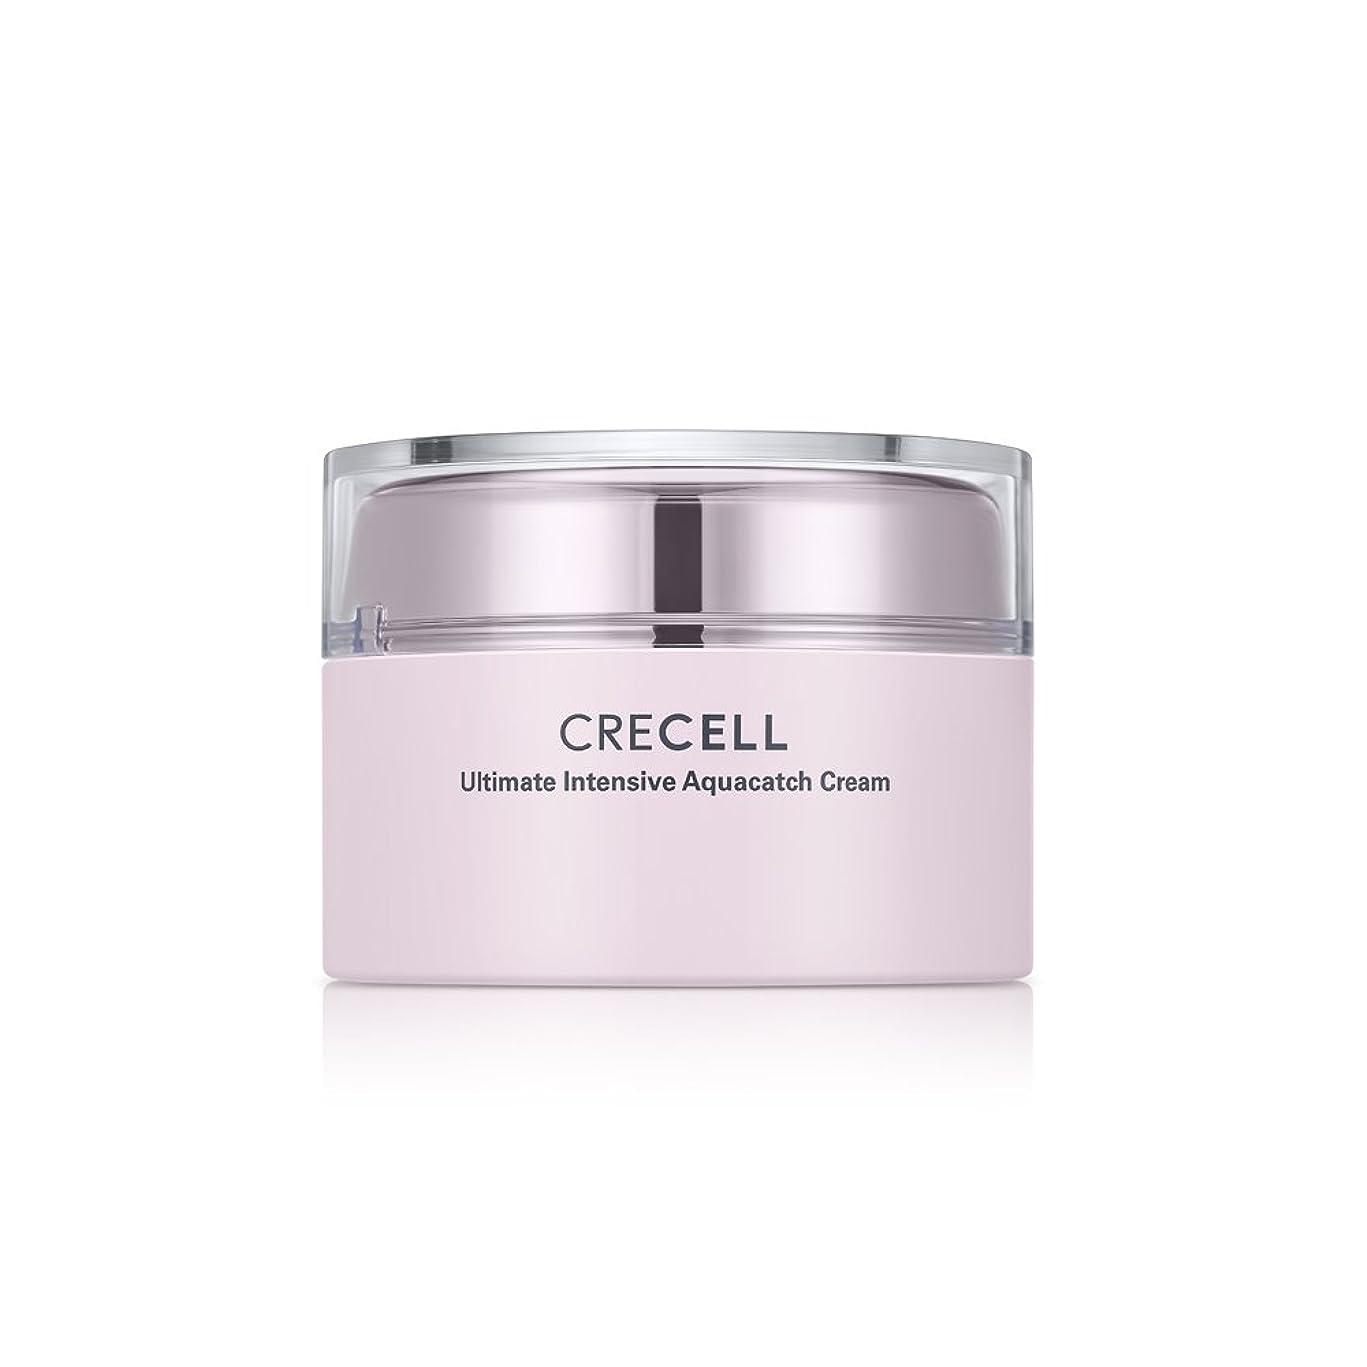 口述不倫つぶすCRECELL Ultimate Intensive Aquacatch Cream【クレセルアルティメットアクアキャッチクリーム】すべての肌タイプ クリーム 皮膚の水分と油分を補い保つ 韓国コスメ 50g